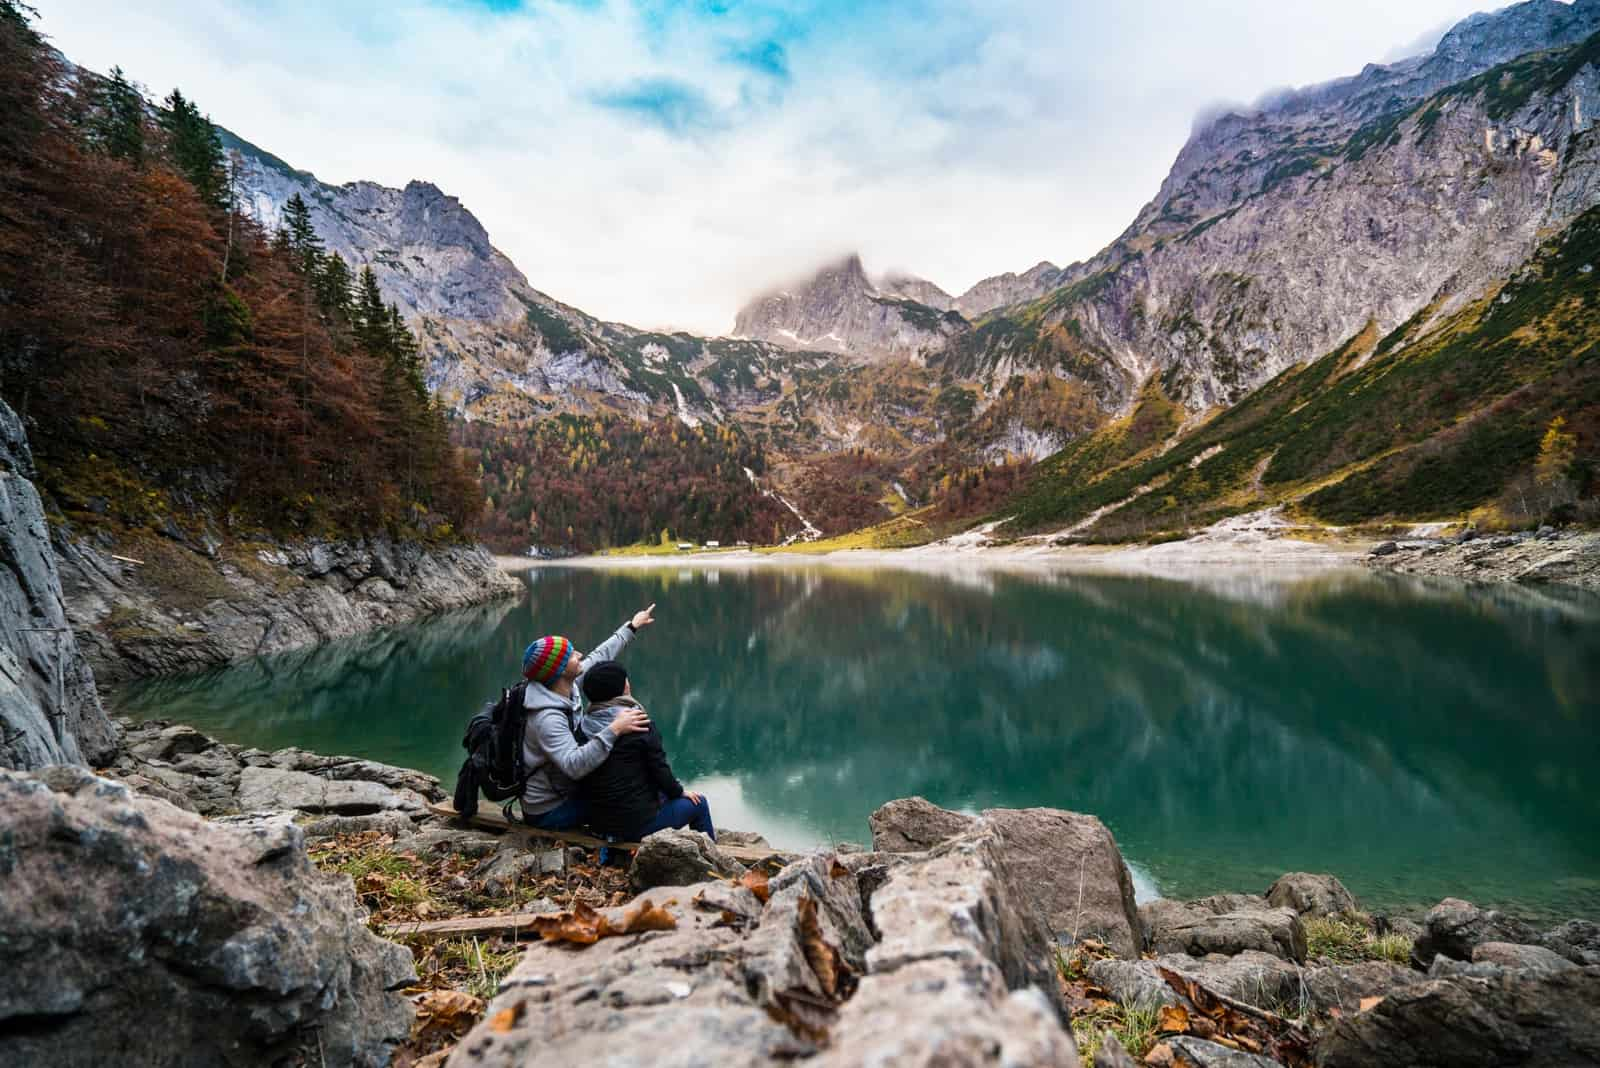 homme et femme assis sur un rocher près de l'eau